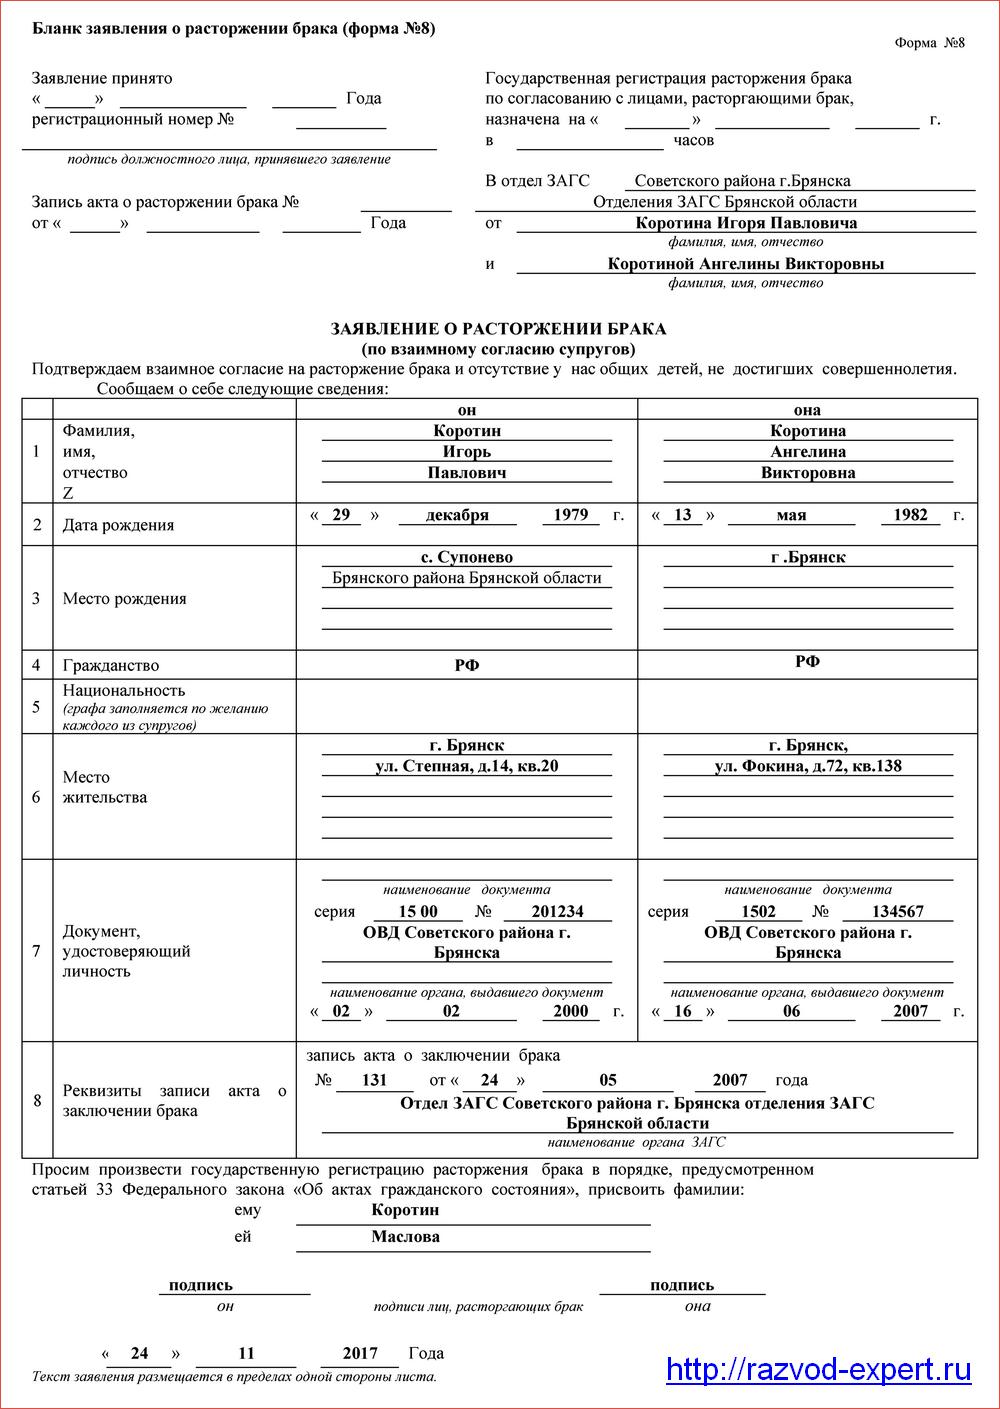 Требования к участникам аукционов юридических лиц